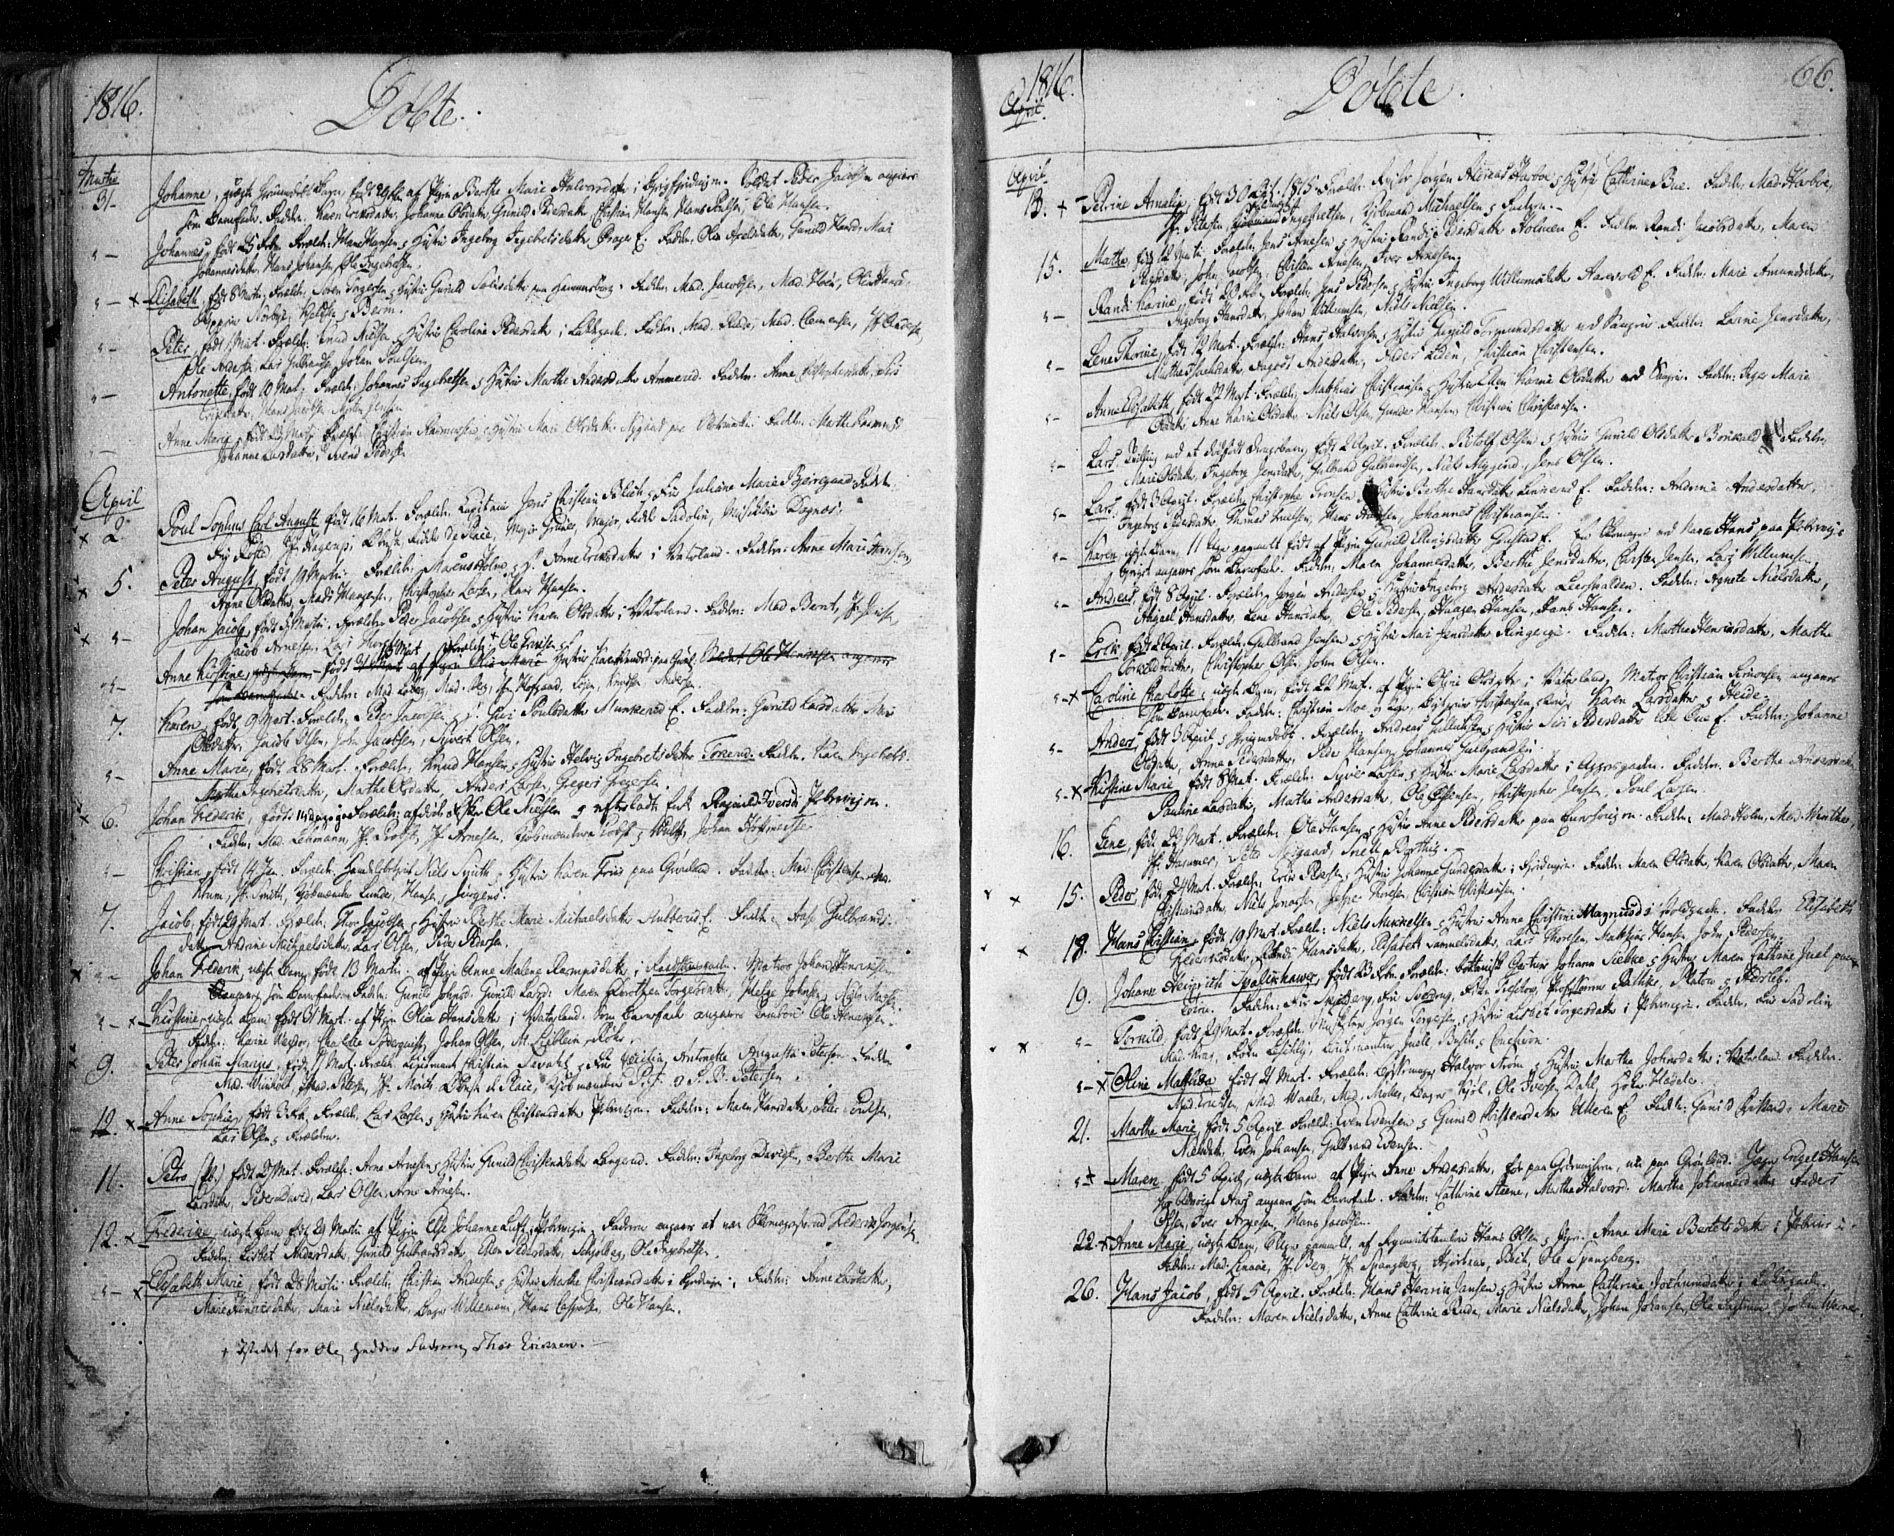 SAO, Aker prestekontor kirkebøker, F/L0011: Ministerialbok nr. 11, 1810-1819, s. 66